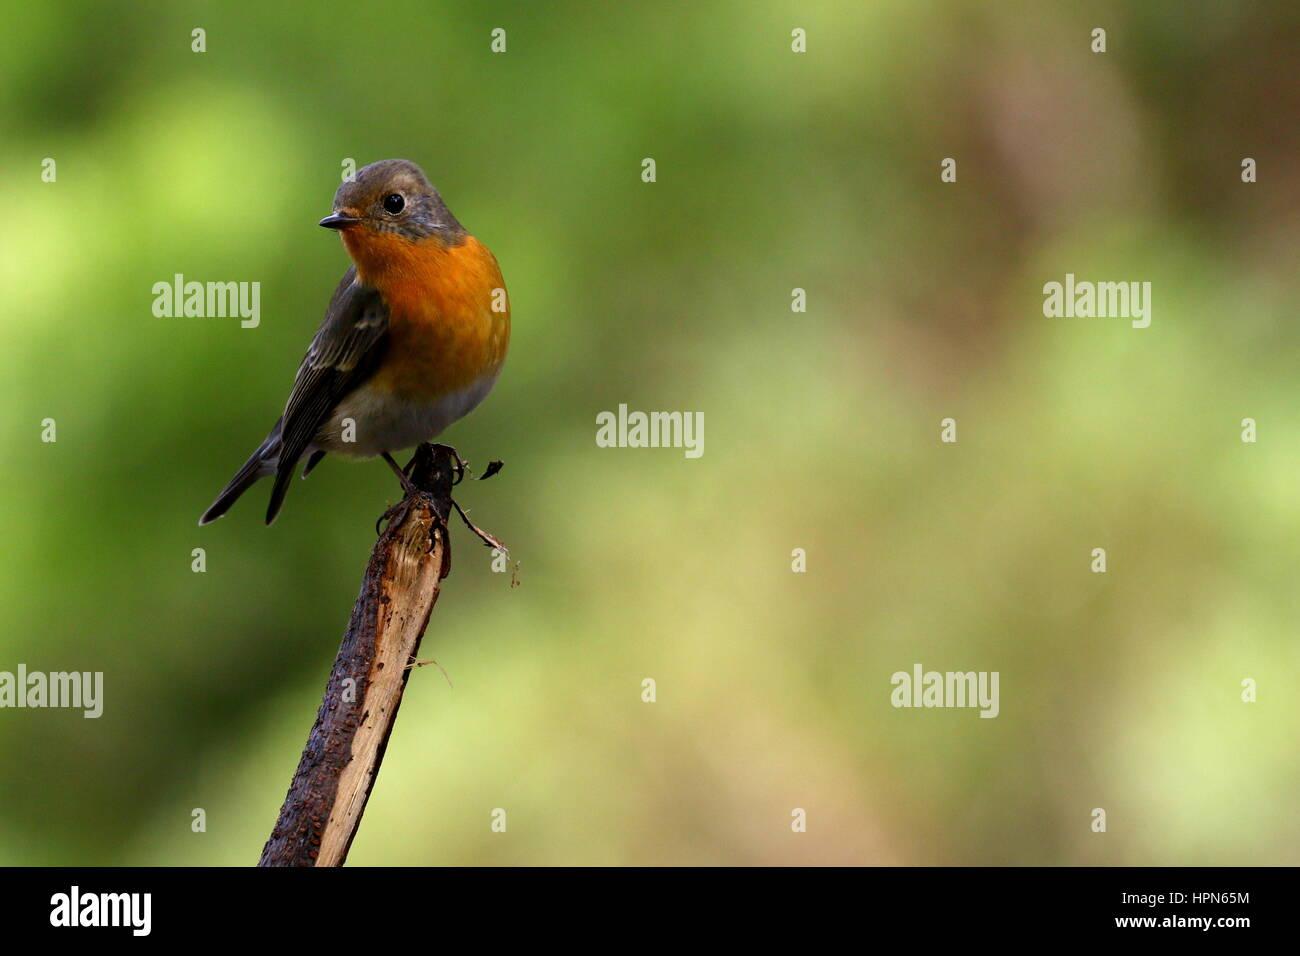 A mugimaki flycatcher. - Stock Image